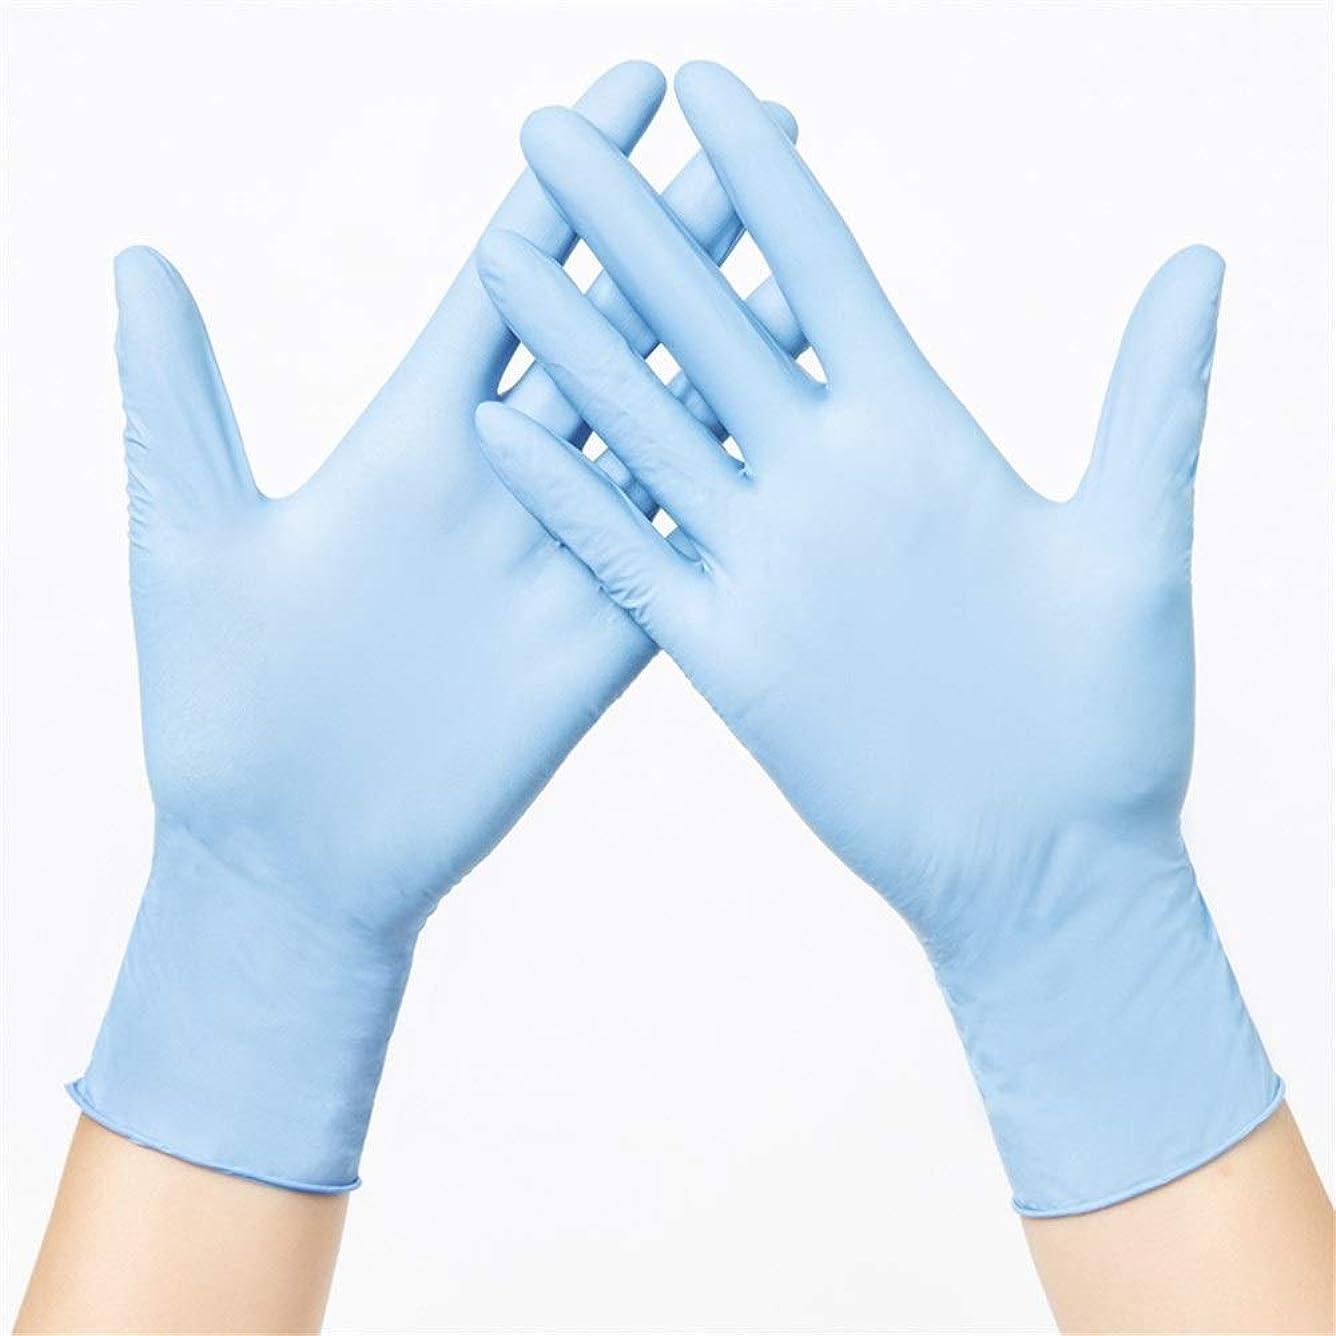 連帯確認する世界の窓ニトリルゴム手袋 使い捨て手袋ゴム製超薄型ハンドウェアラブル防水家庭用手袋、100 使い捨て手袋 (Color : Blue, Size : S)